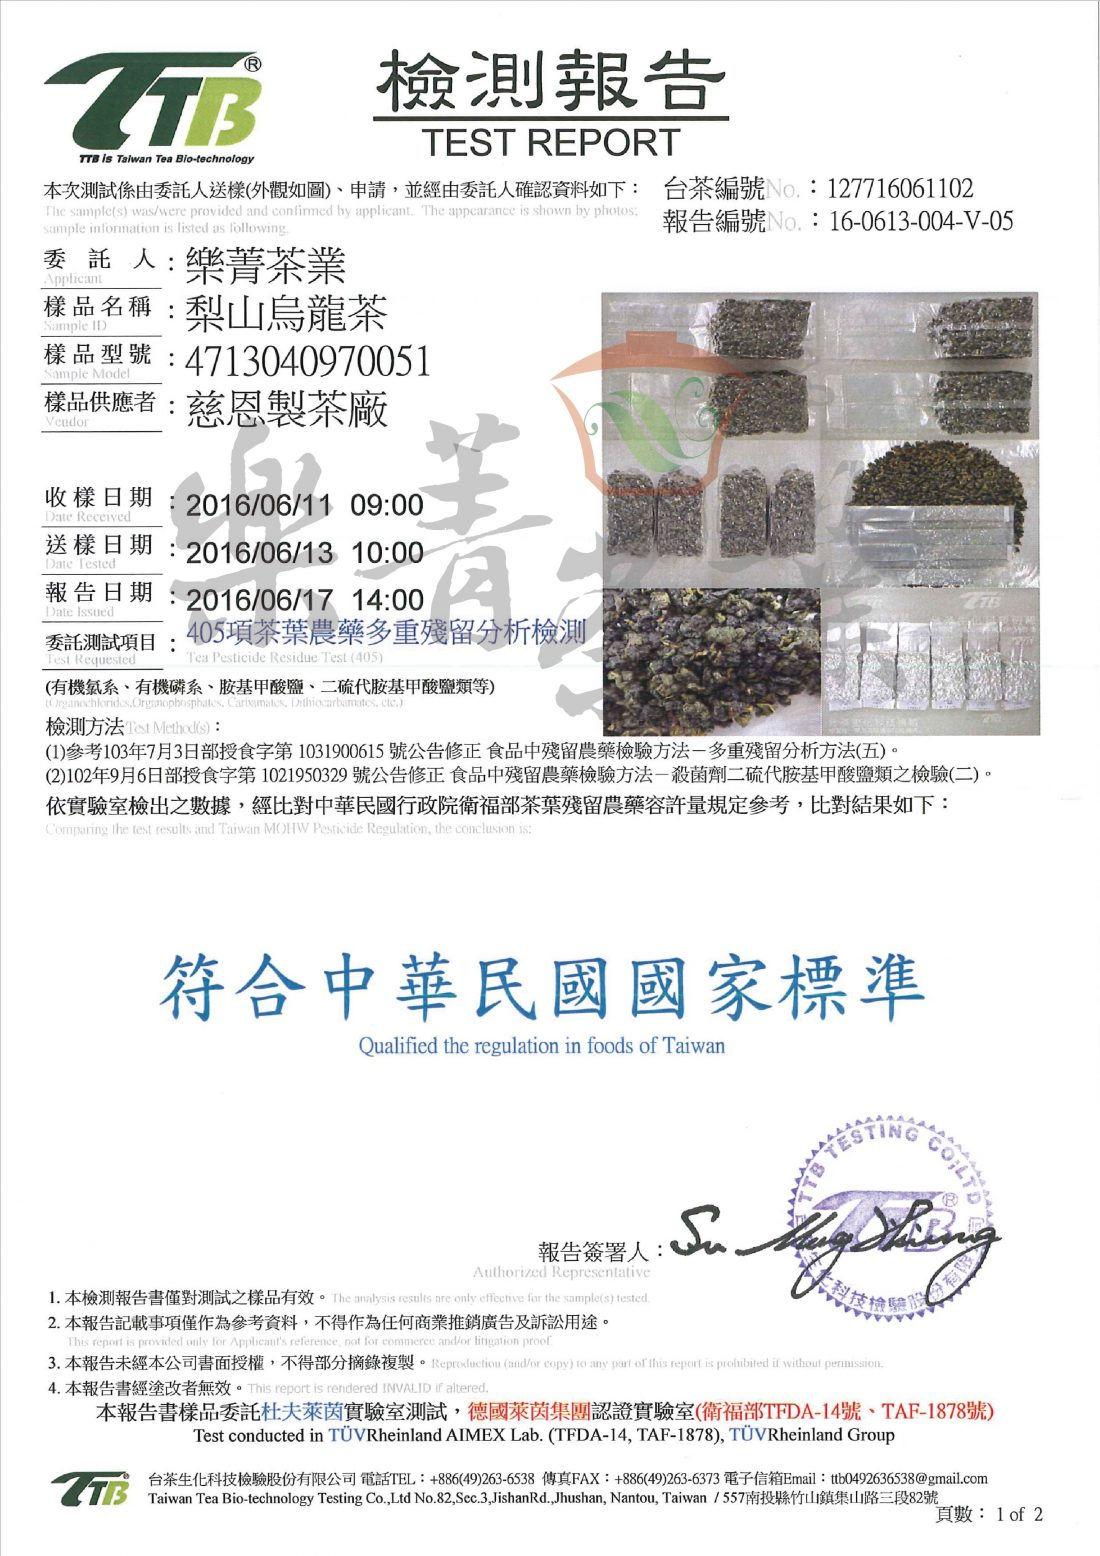 梨山烏龍茶-405項茶葉農藥殘留檢驗報告